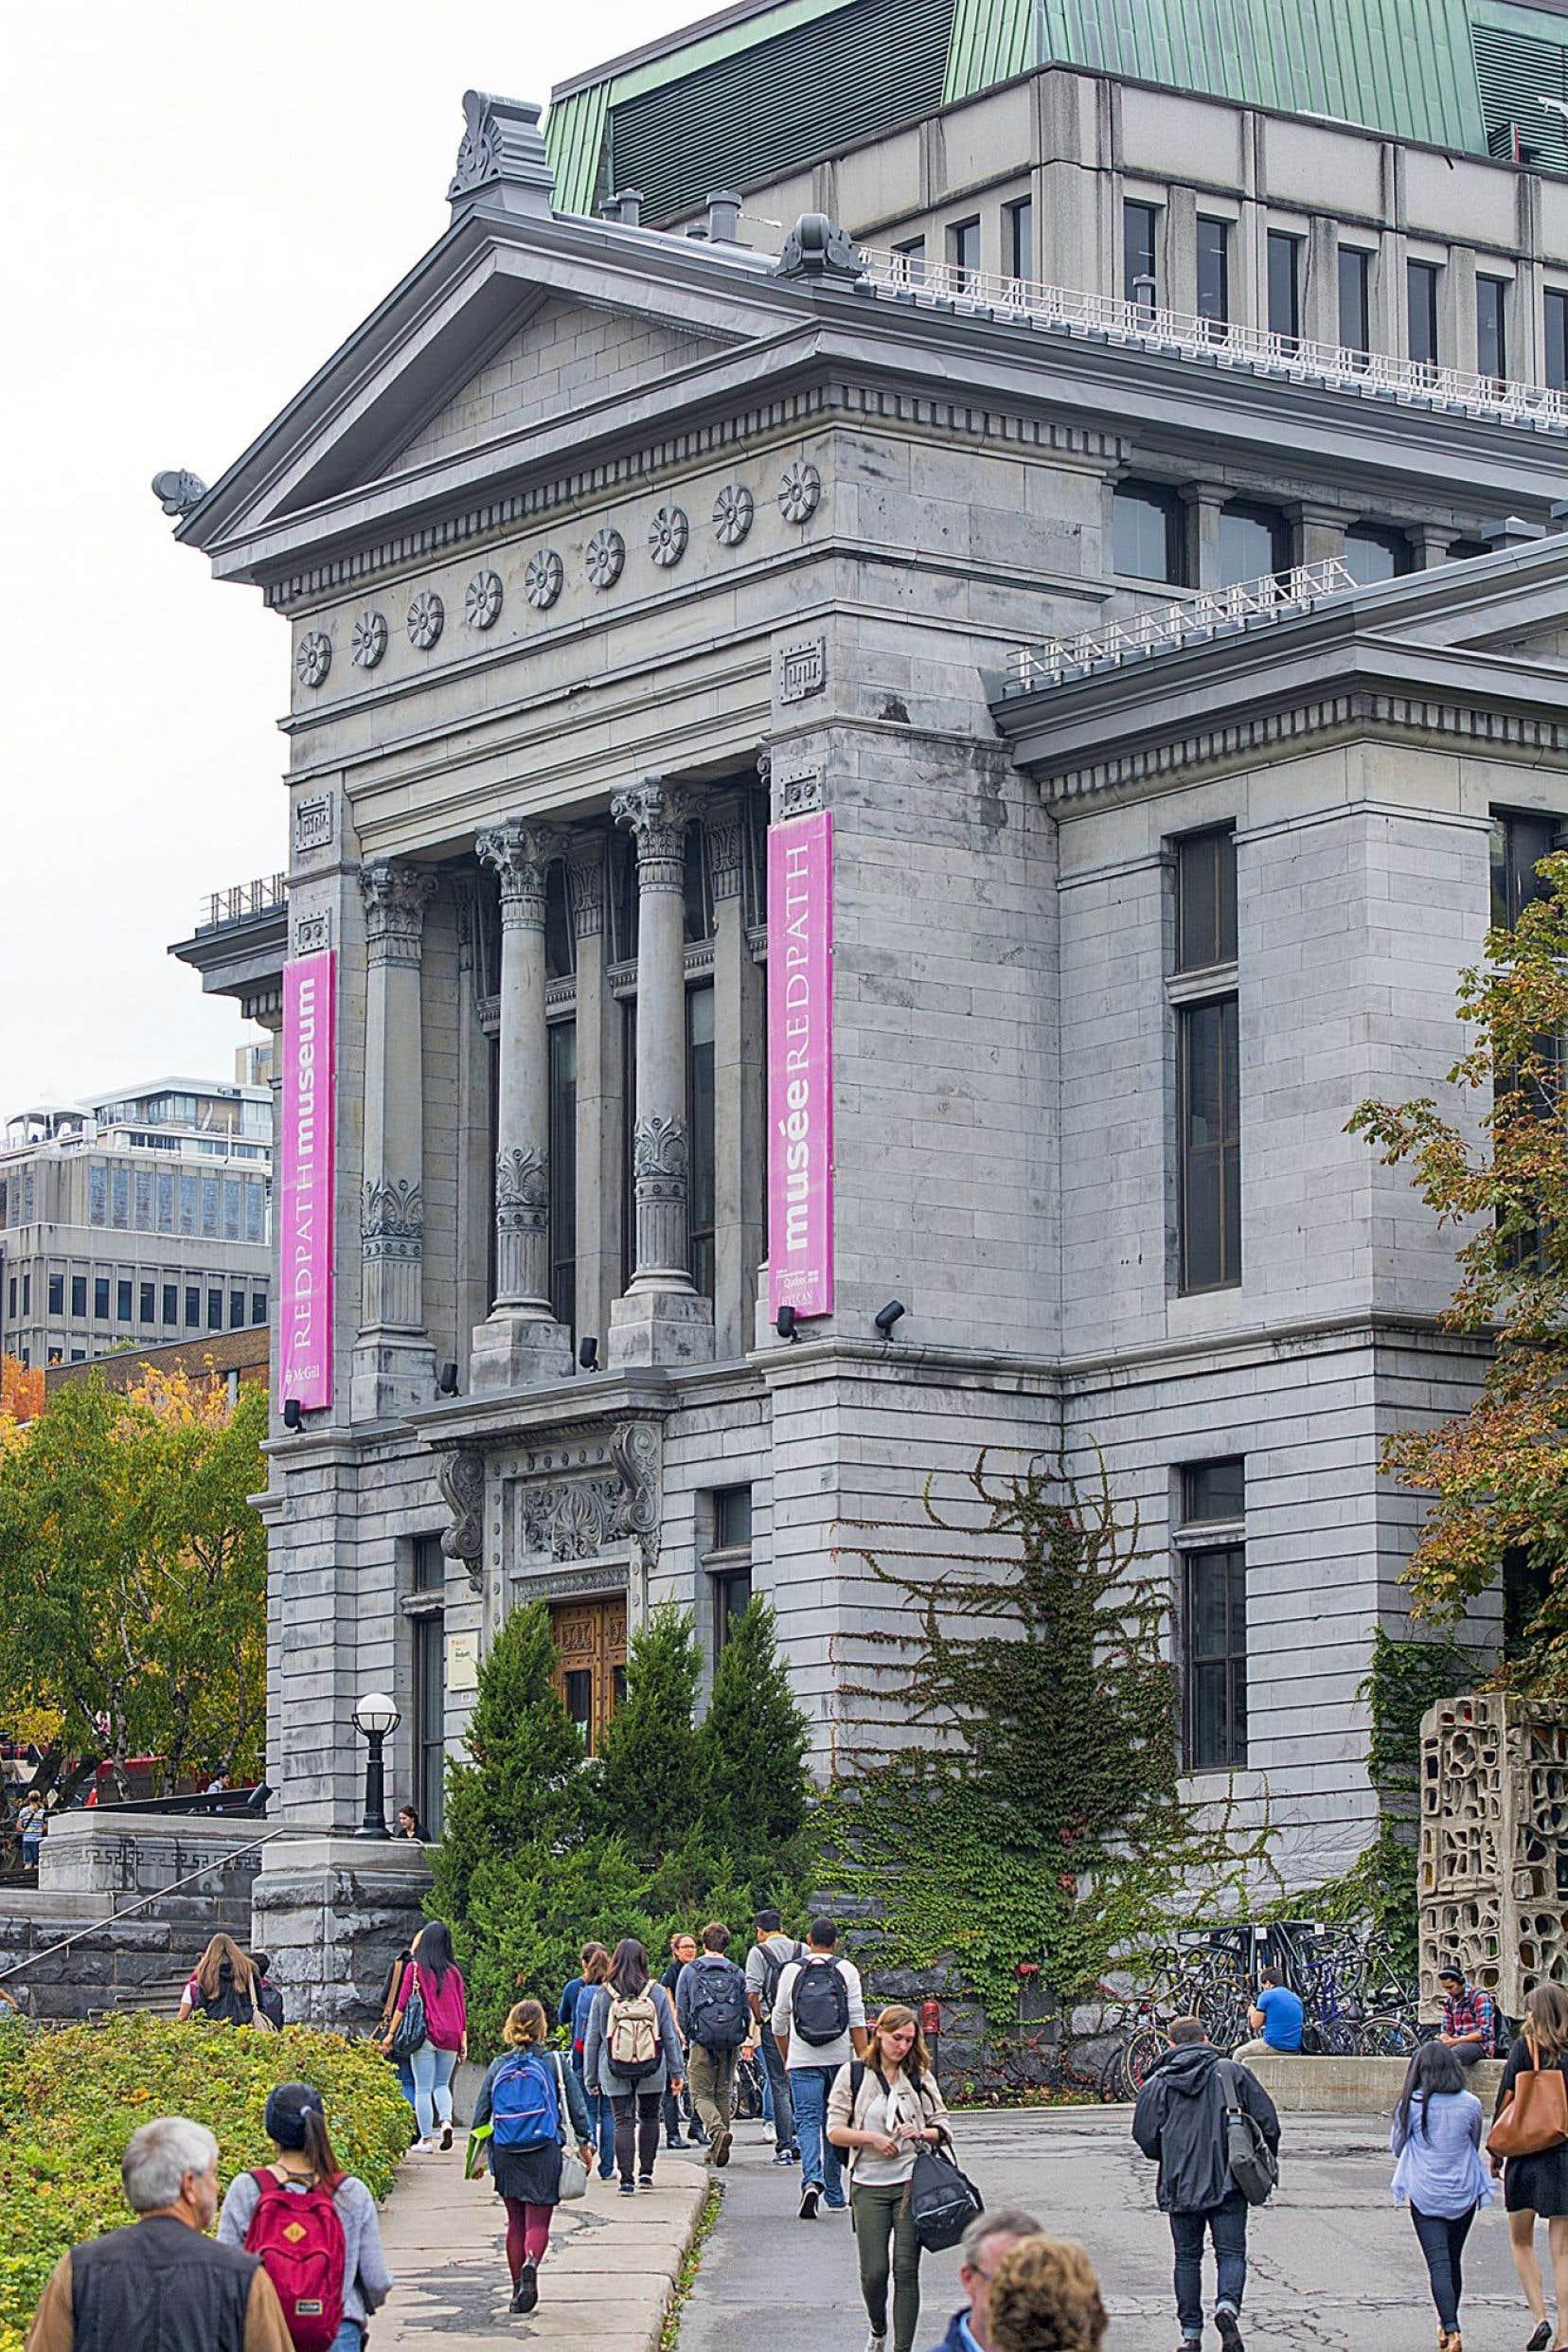 Les institutions muséales du Québec n'avaient jamais été aussi visitées qu'en 2013. Le chiffre magique: 14,2millions. Or, tout n'est pas si rose lorsqu'on y regarde de près.